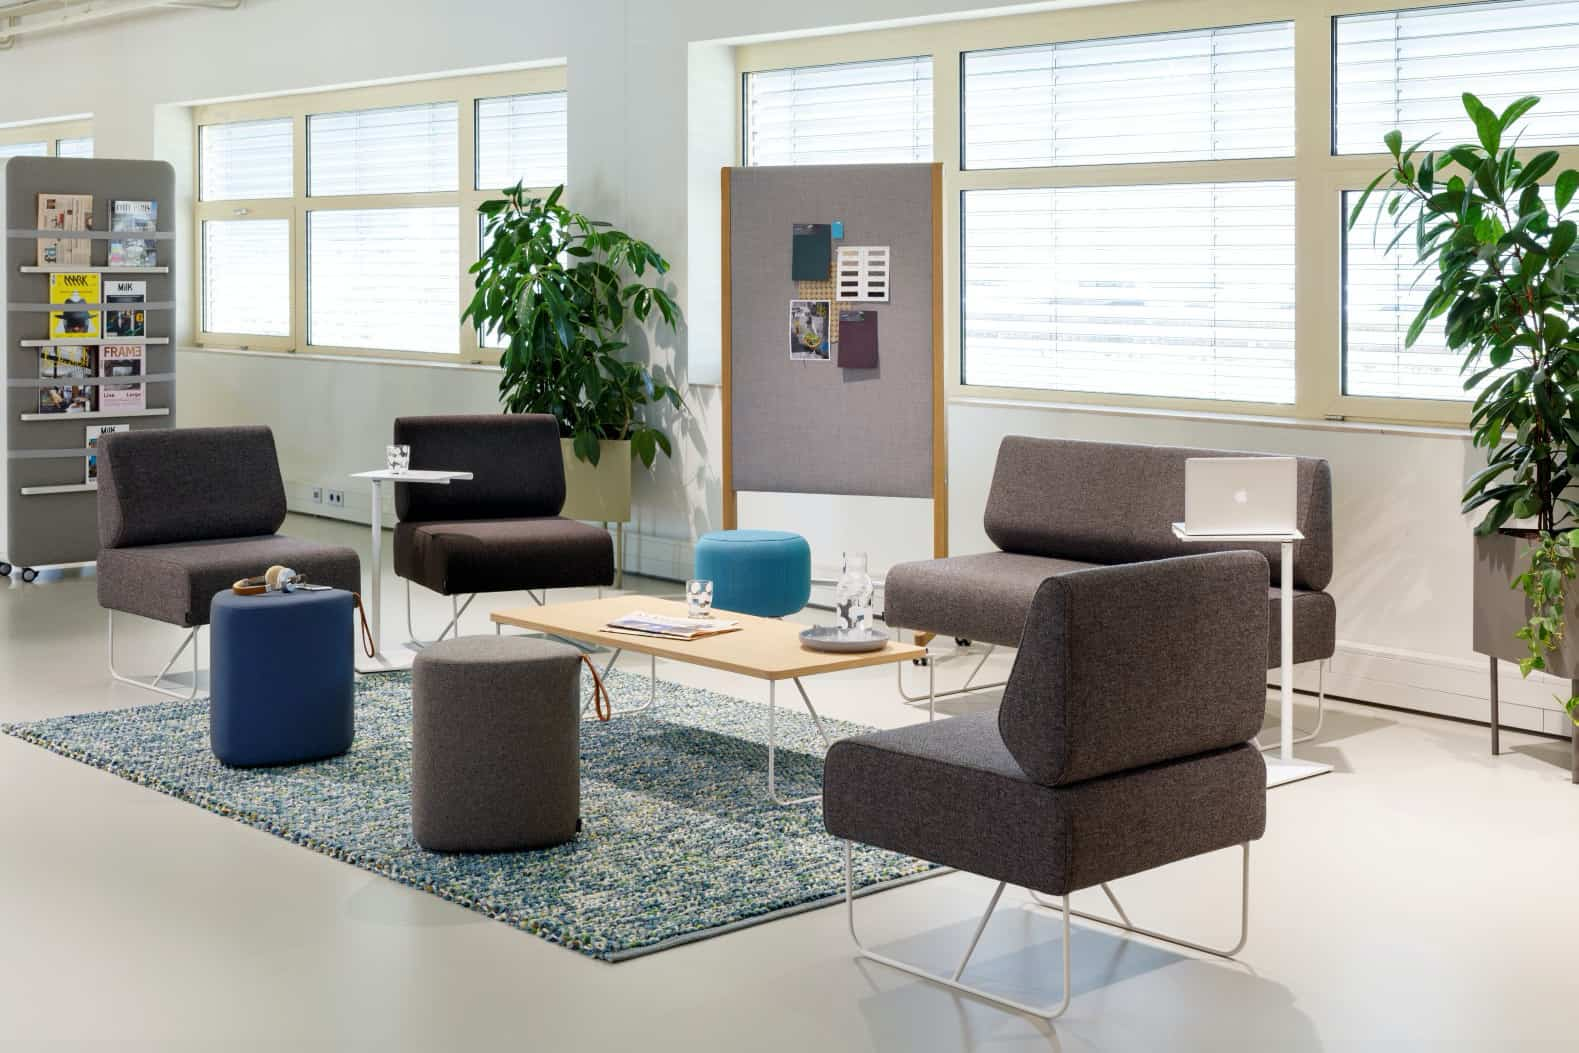 Preis / Sitzmöbel / Modern / bequem / praktisch